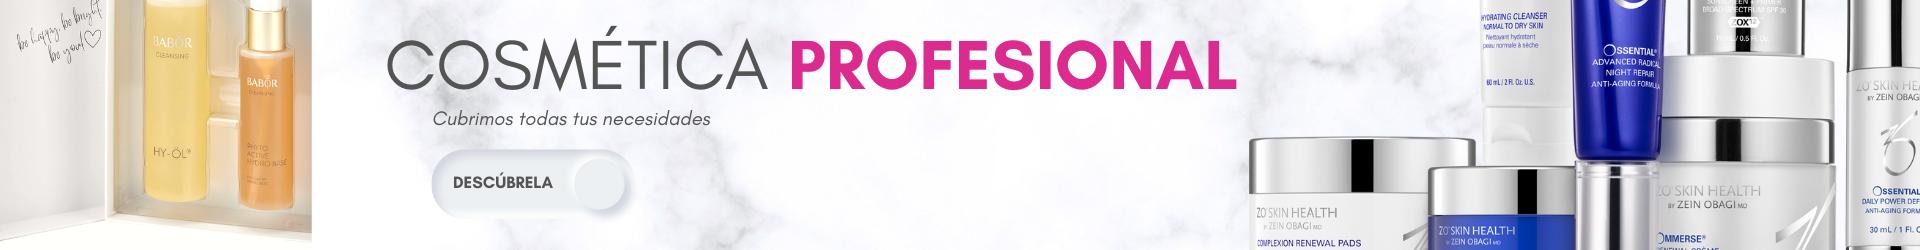 cosmética profesional